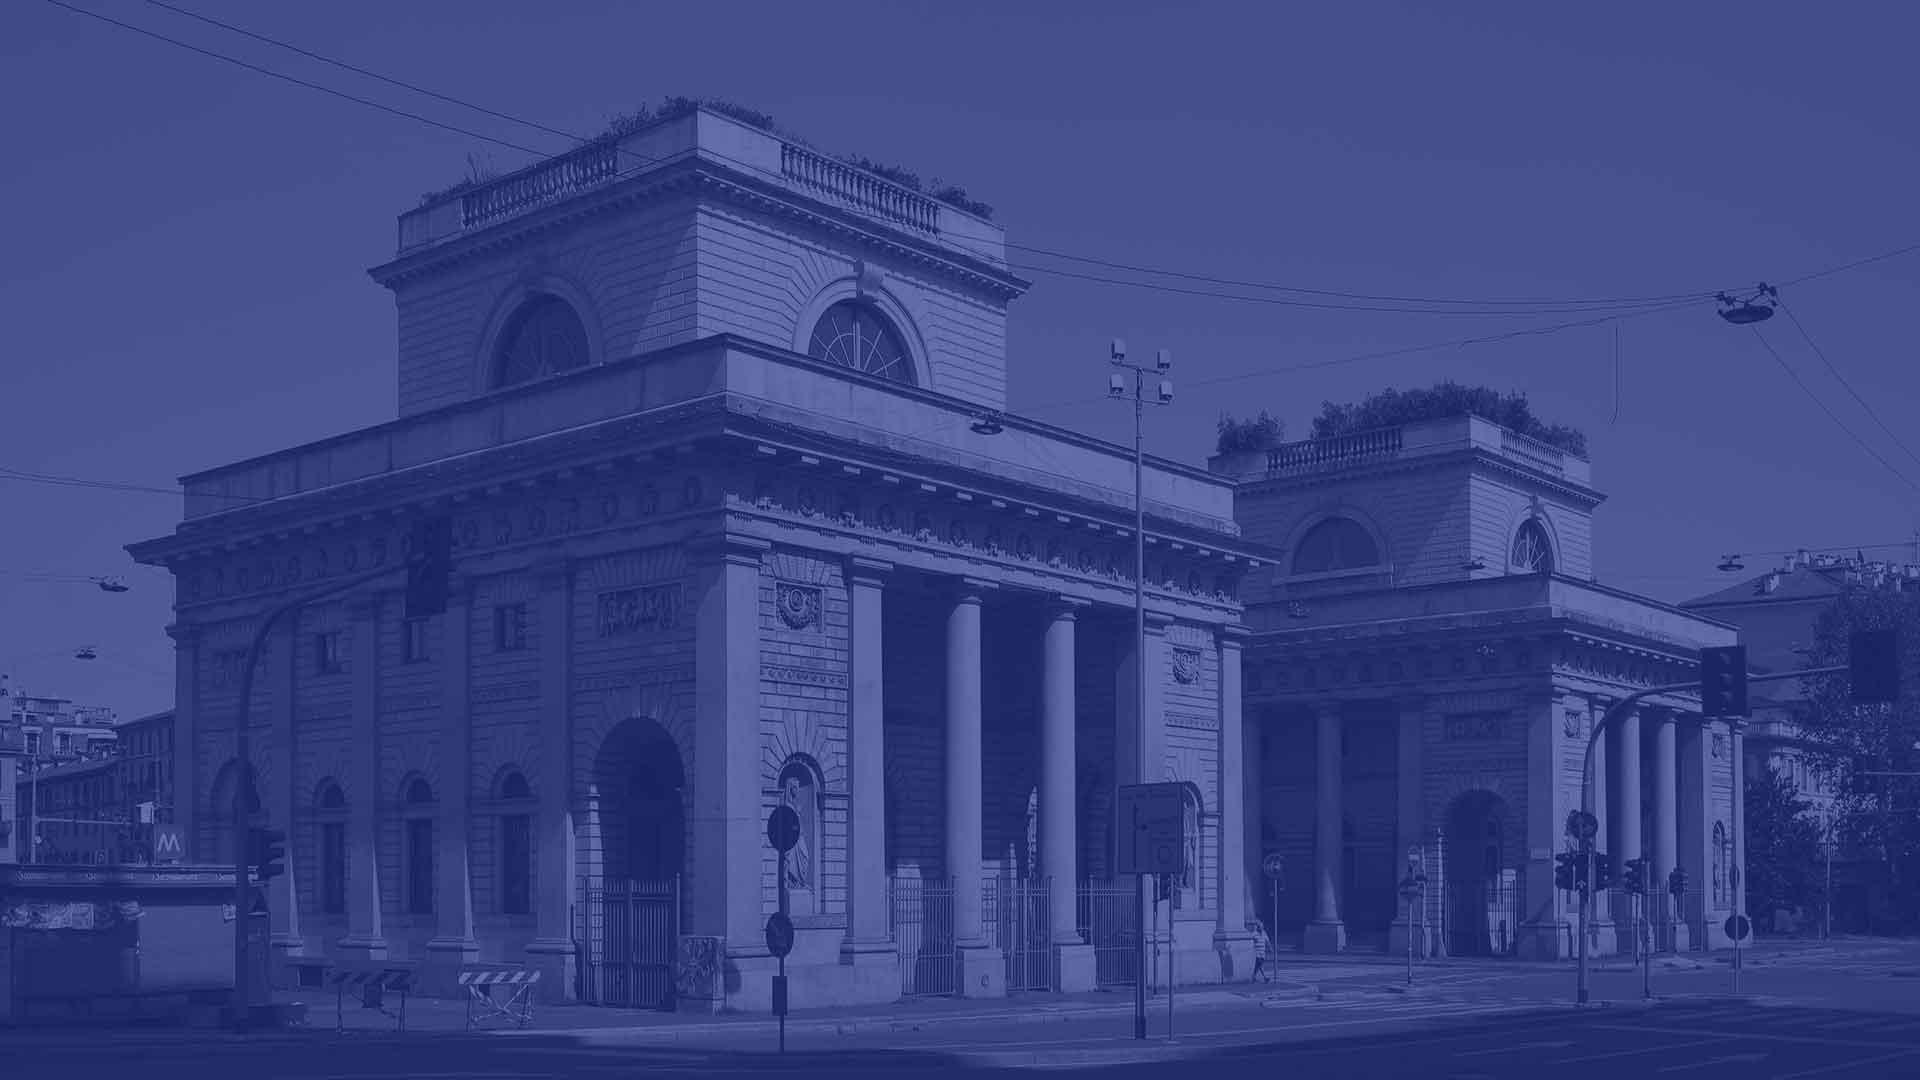 Gianluca Boari Lega Nord | Consigliere Comunale Lega municipio 3 Milano | Politica, sicurezza, degrado, aree verdi, manutenzione città | immagine Municipio 3 Milano